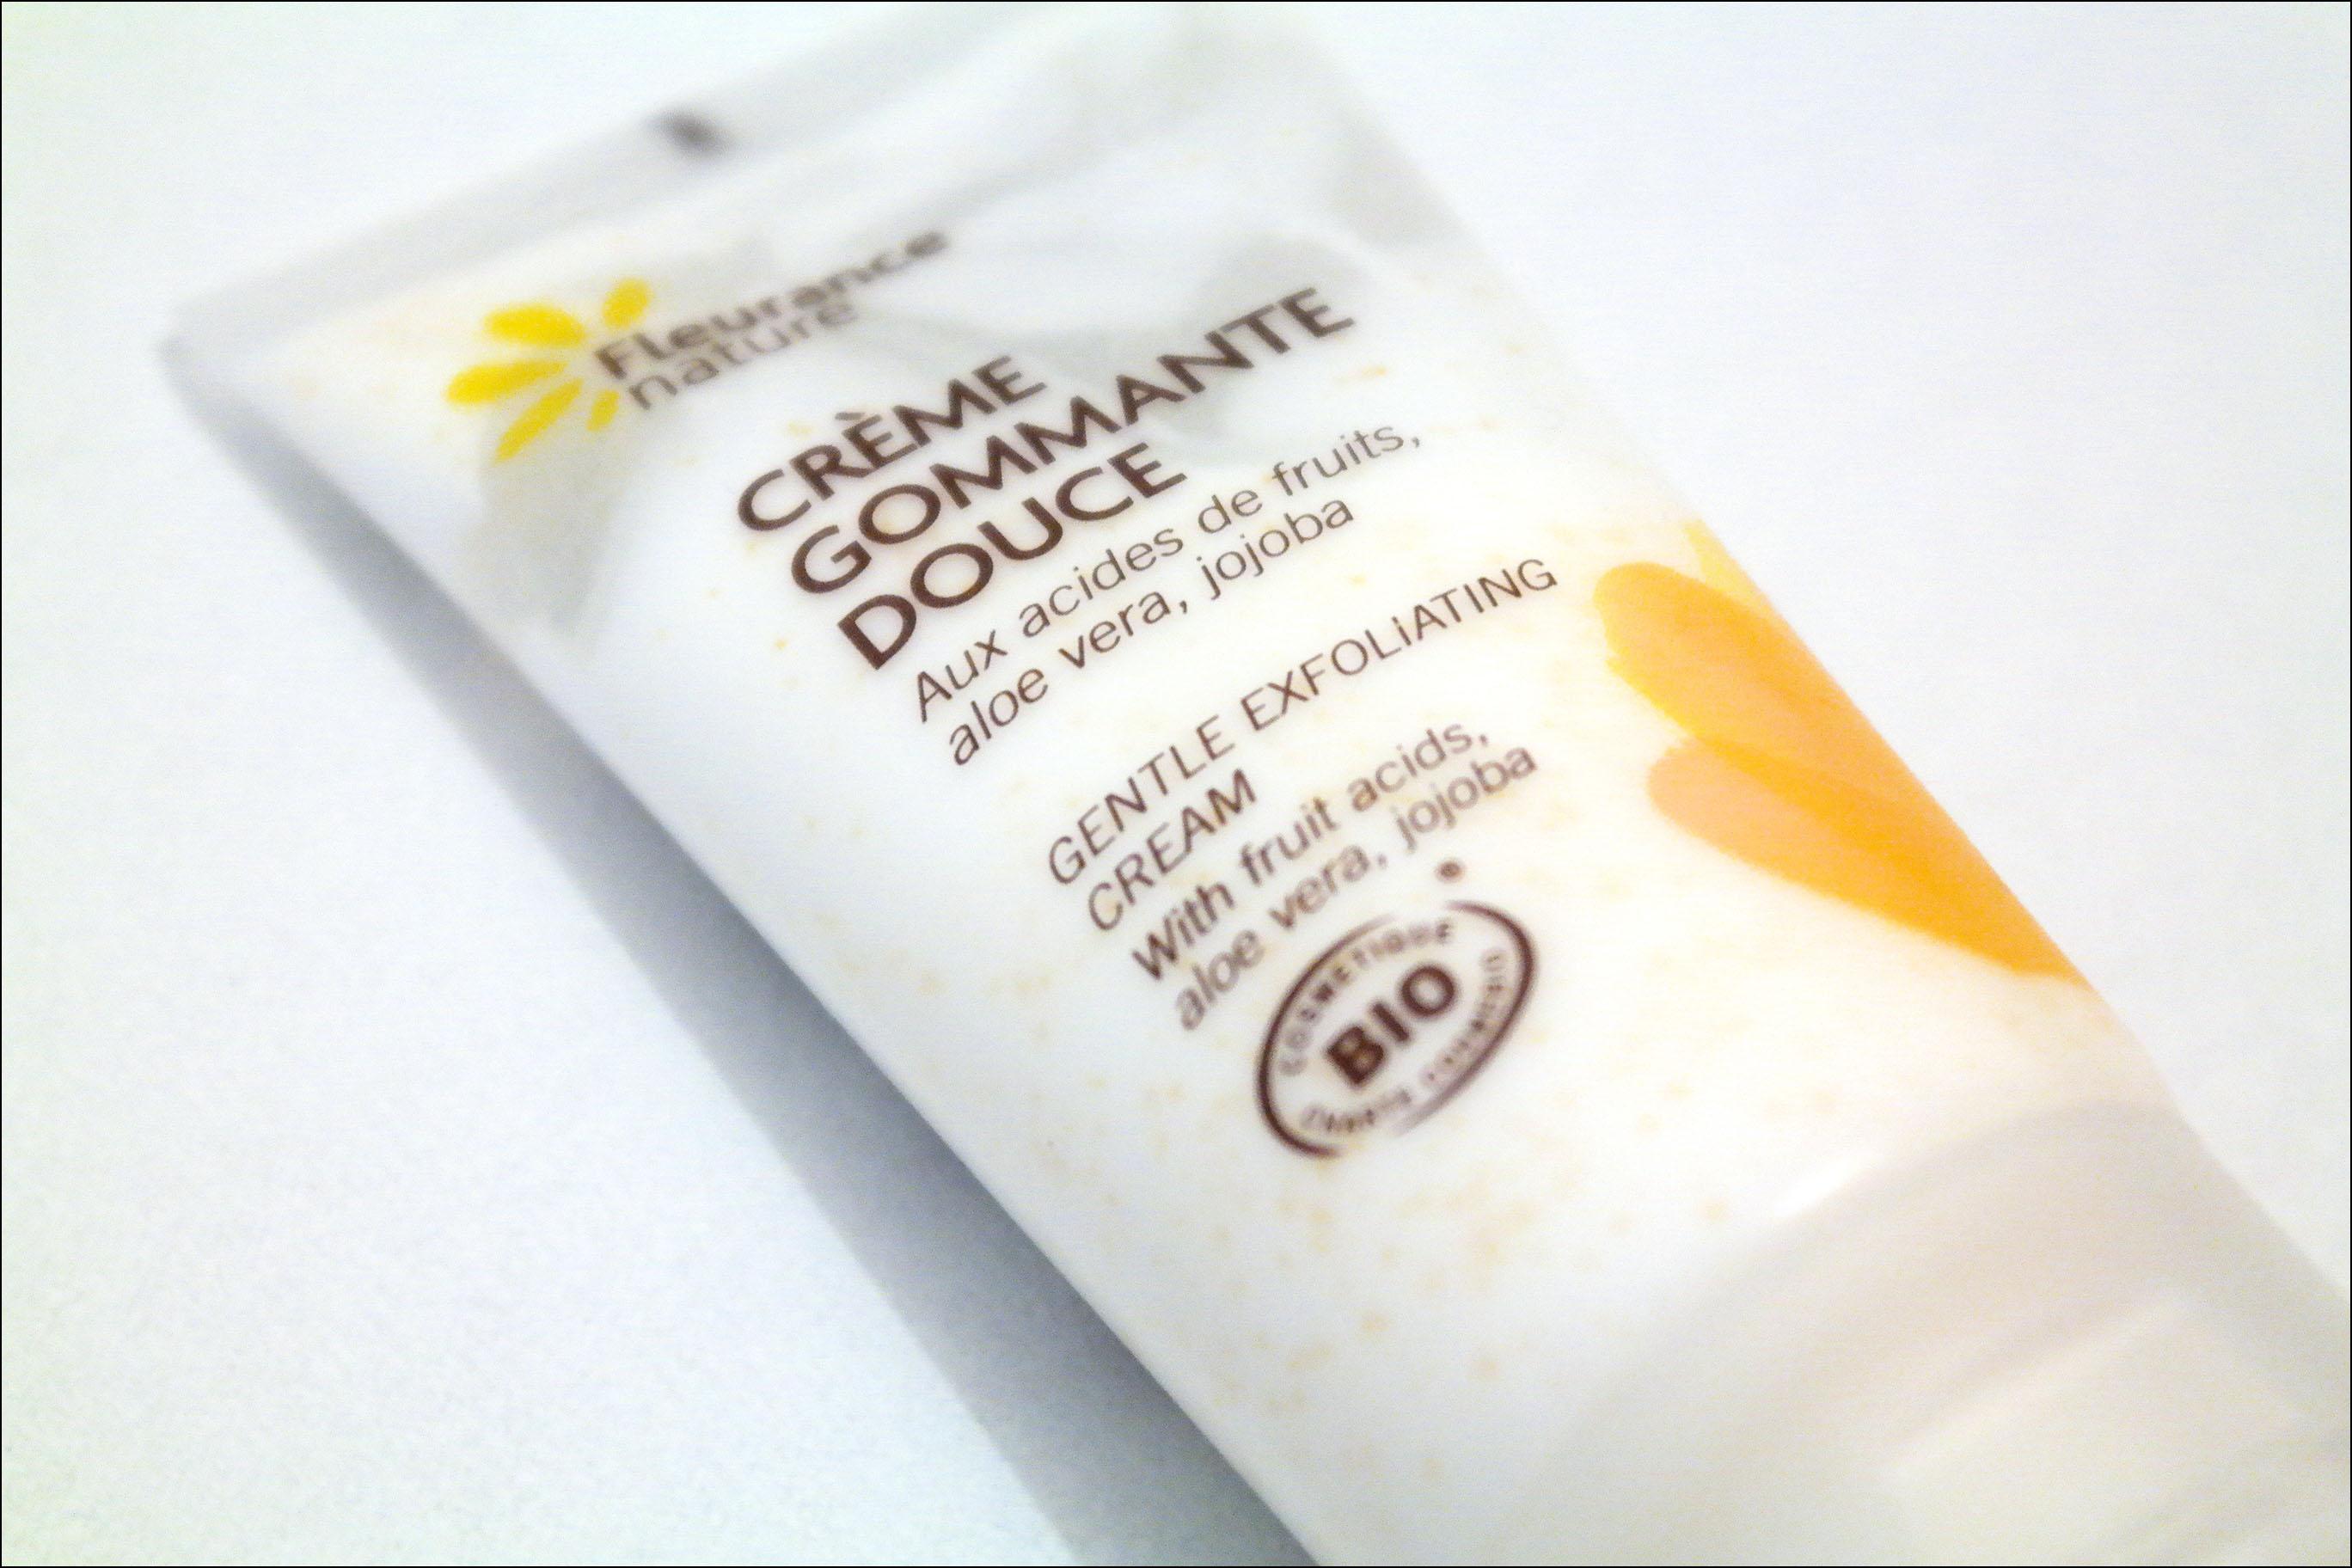 gommage, fleurance nature, crème gommante douce, crème gommante douce fleurance nature, gommage fleurance nature